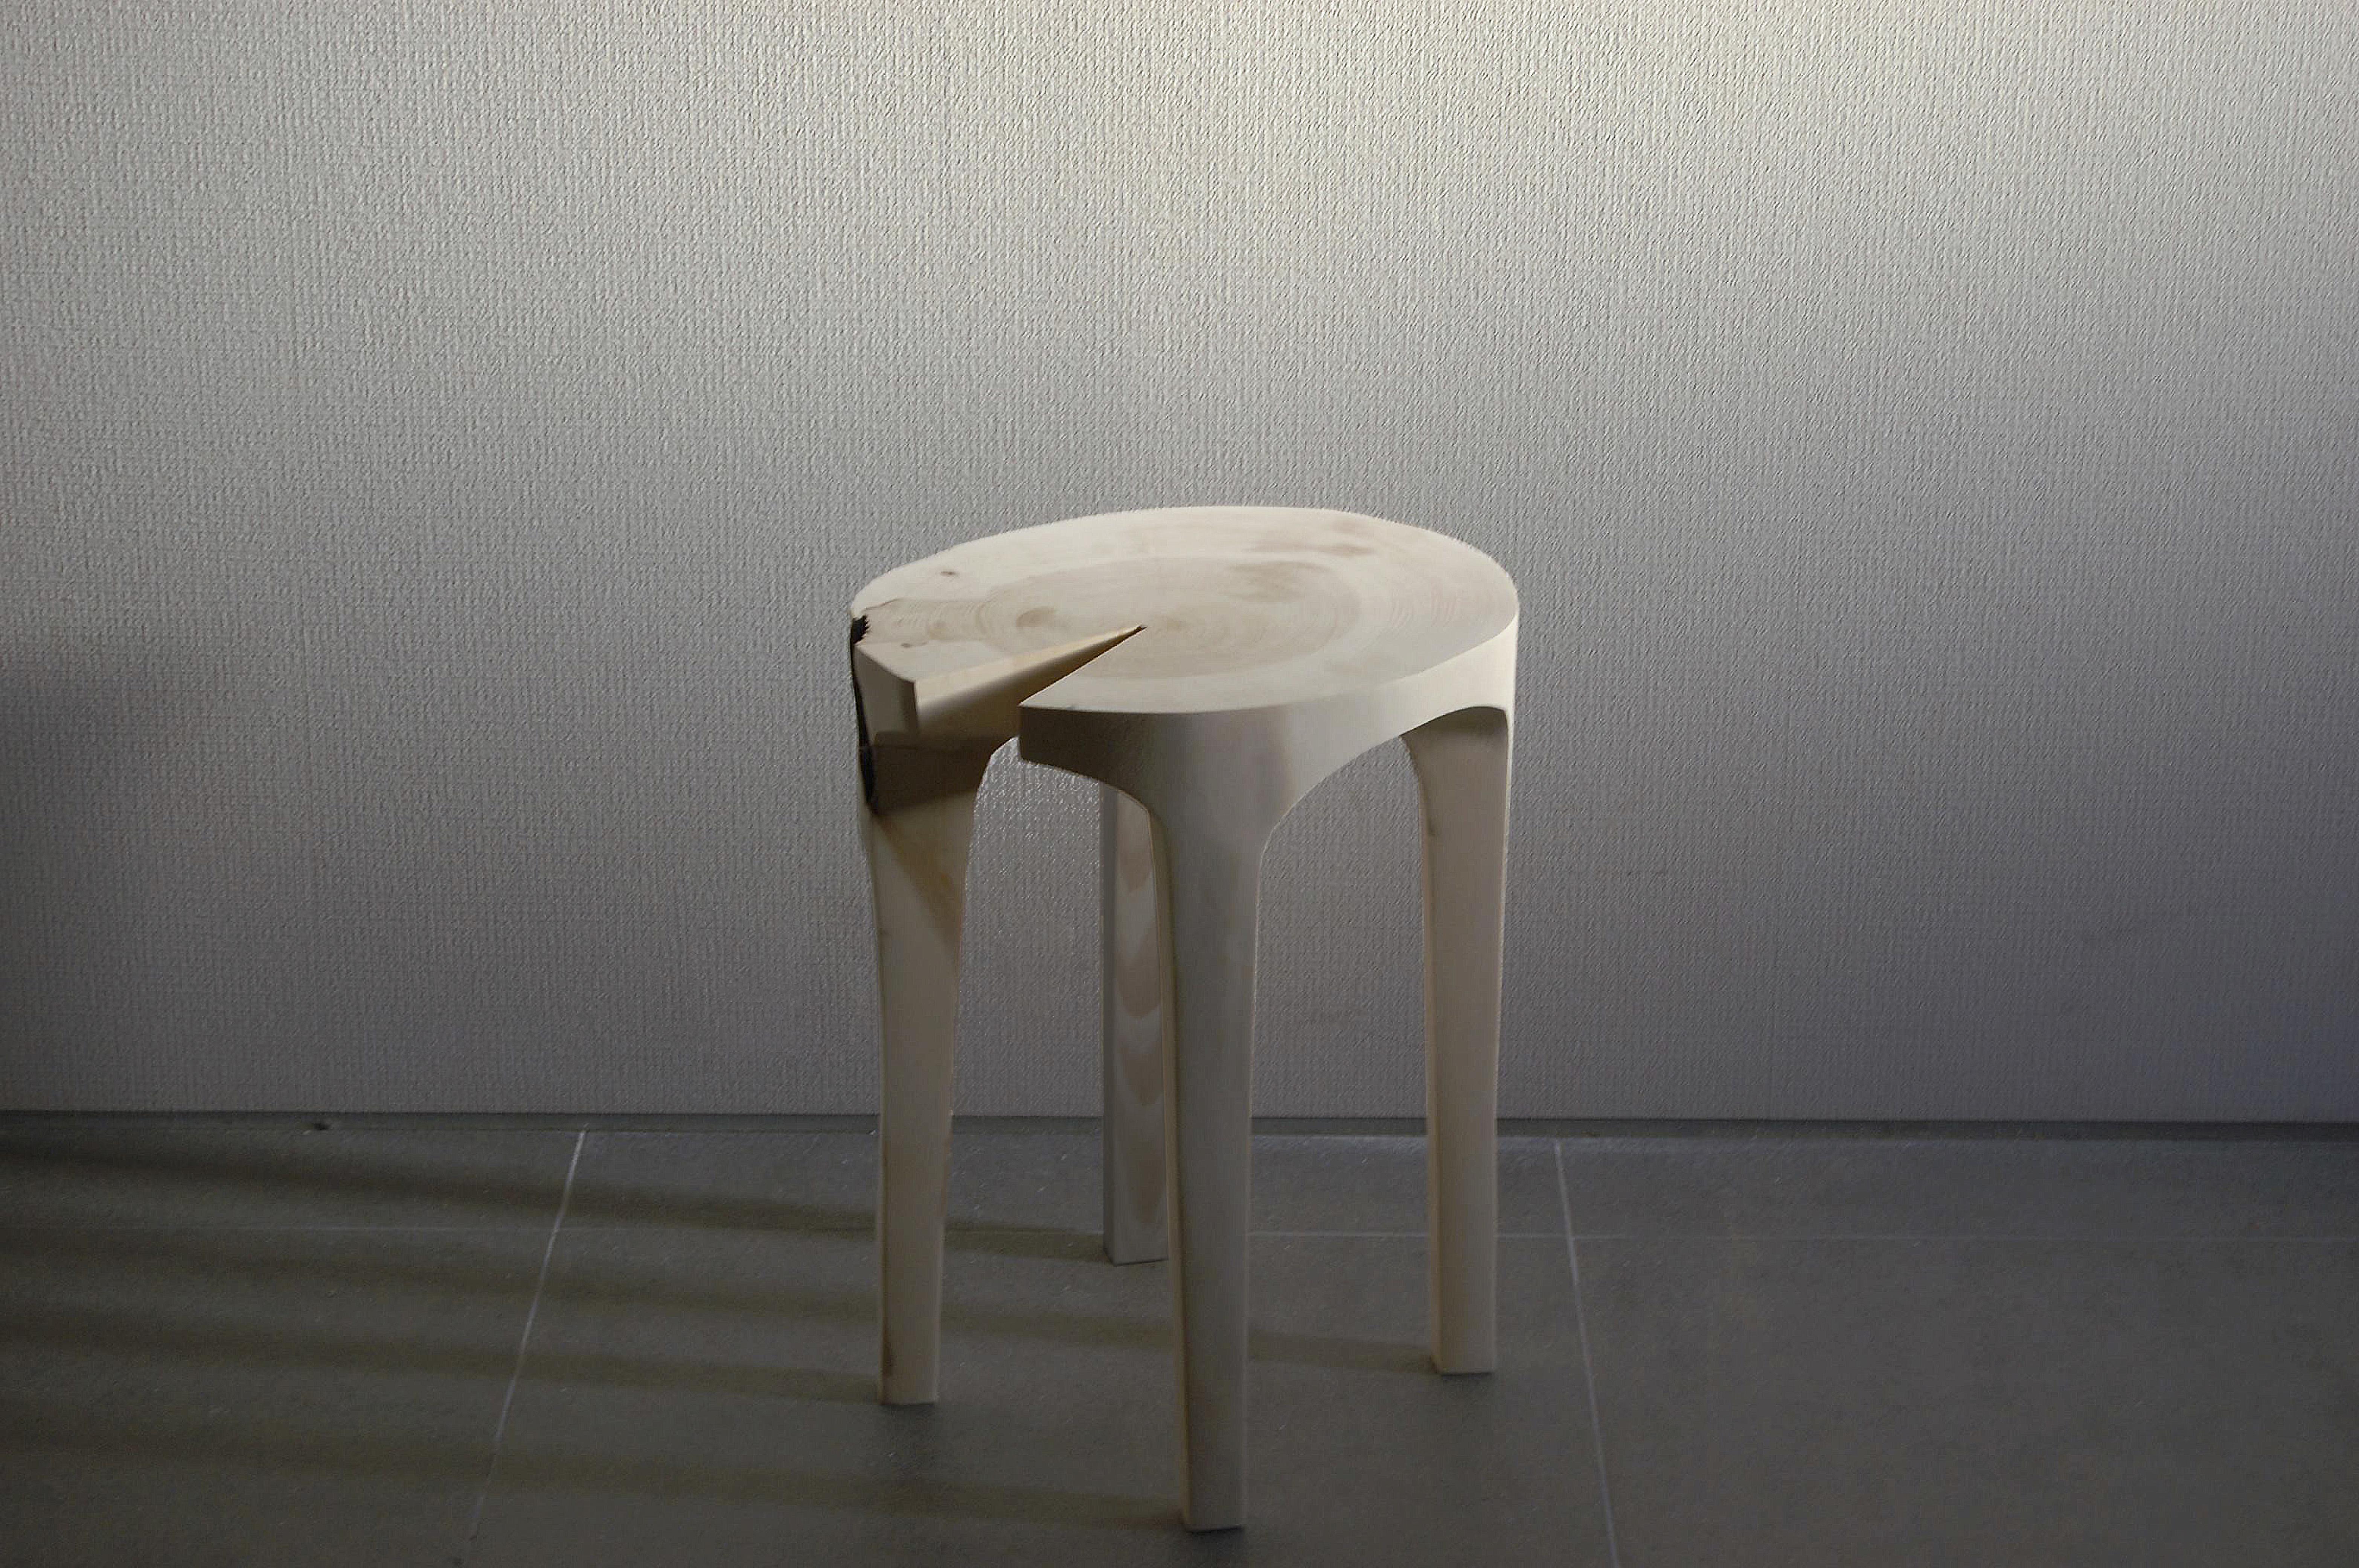 KURI stool